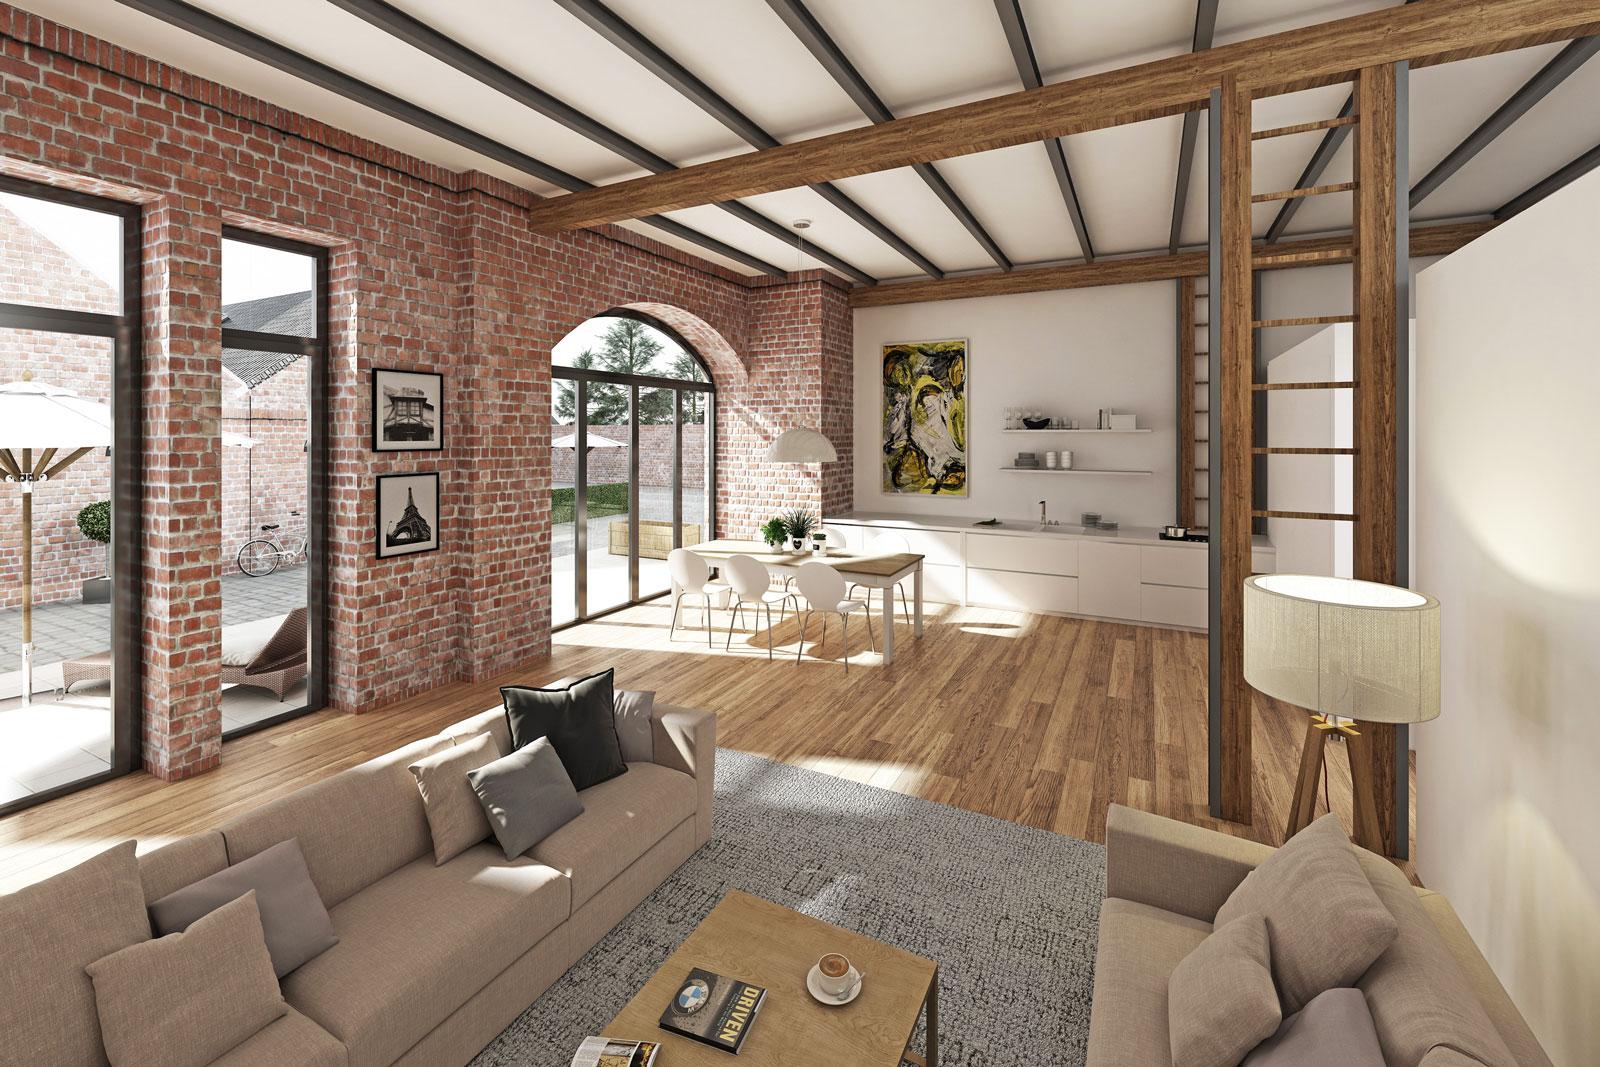 achtsamer umgang mit der historie vom bedeutenden gutshof ber ein angesehenes restaurant zur. Black Bedroom Furniture Sets. Home Design Ideas